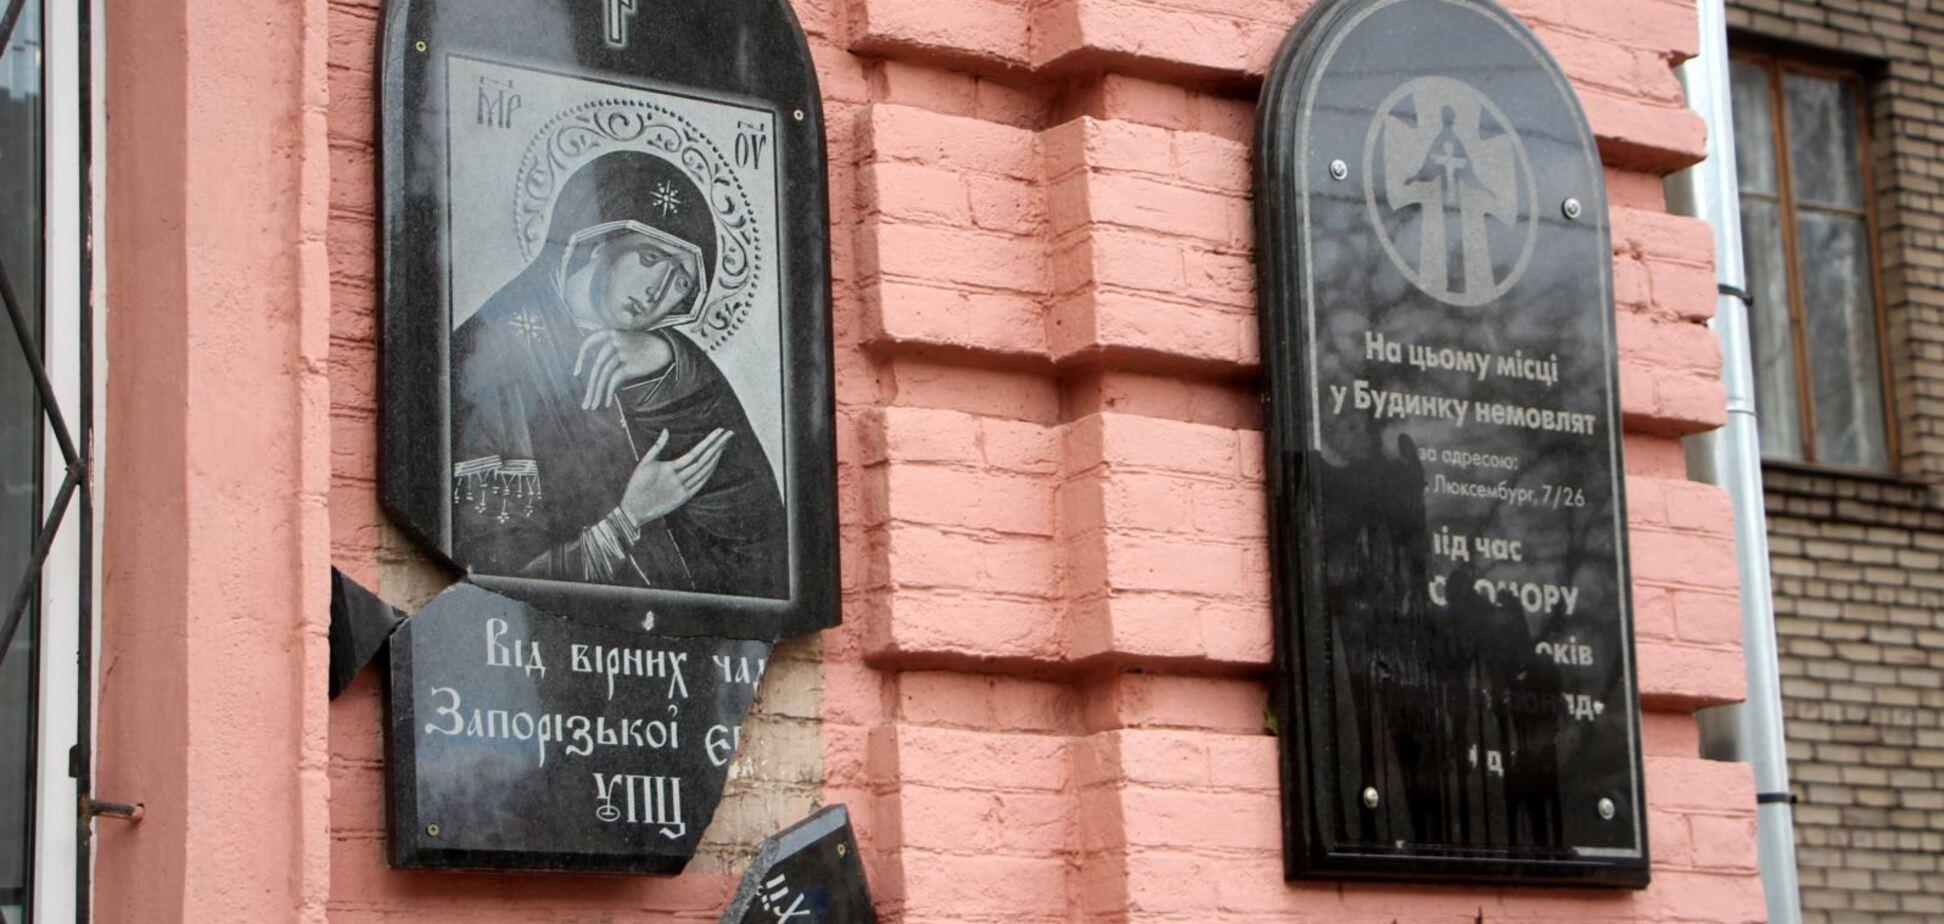 В Запорожье осквернили памятные доски